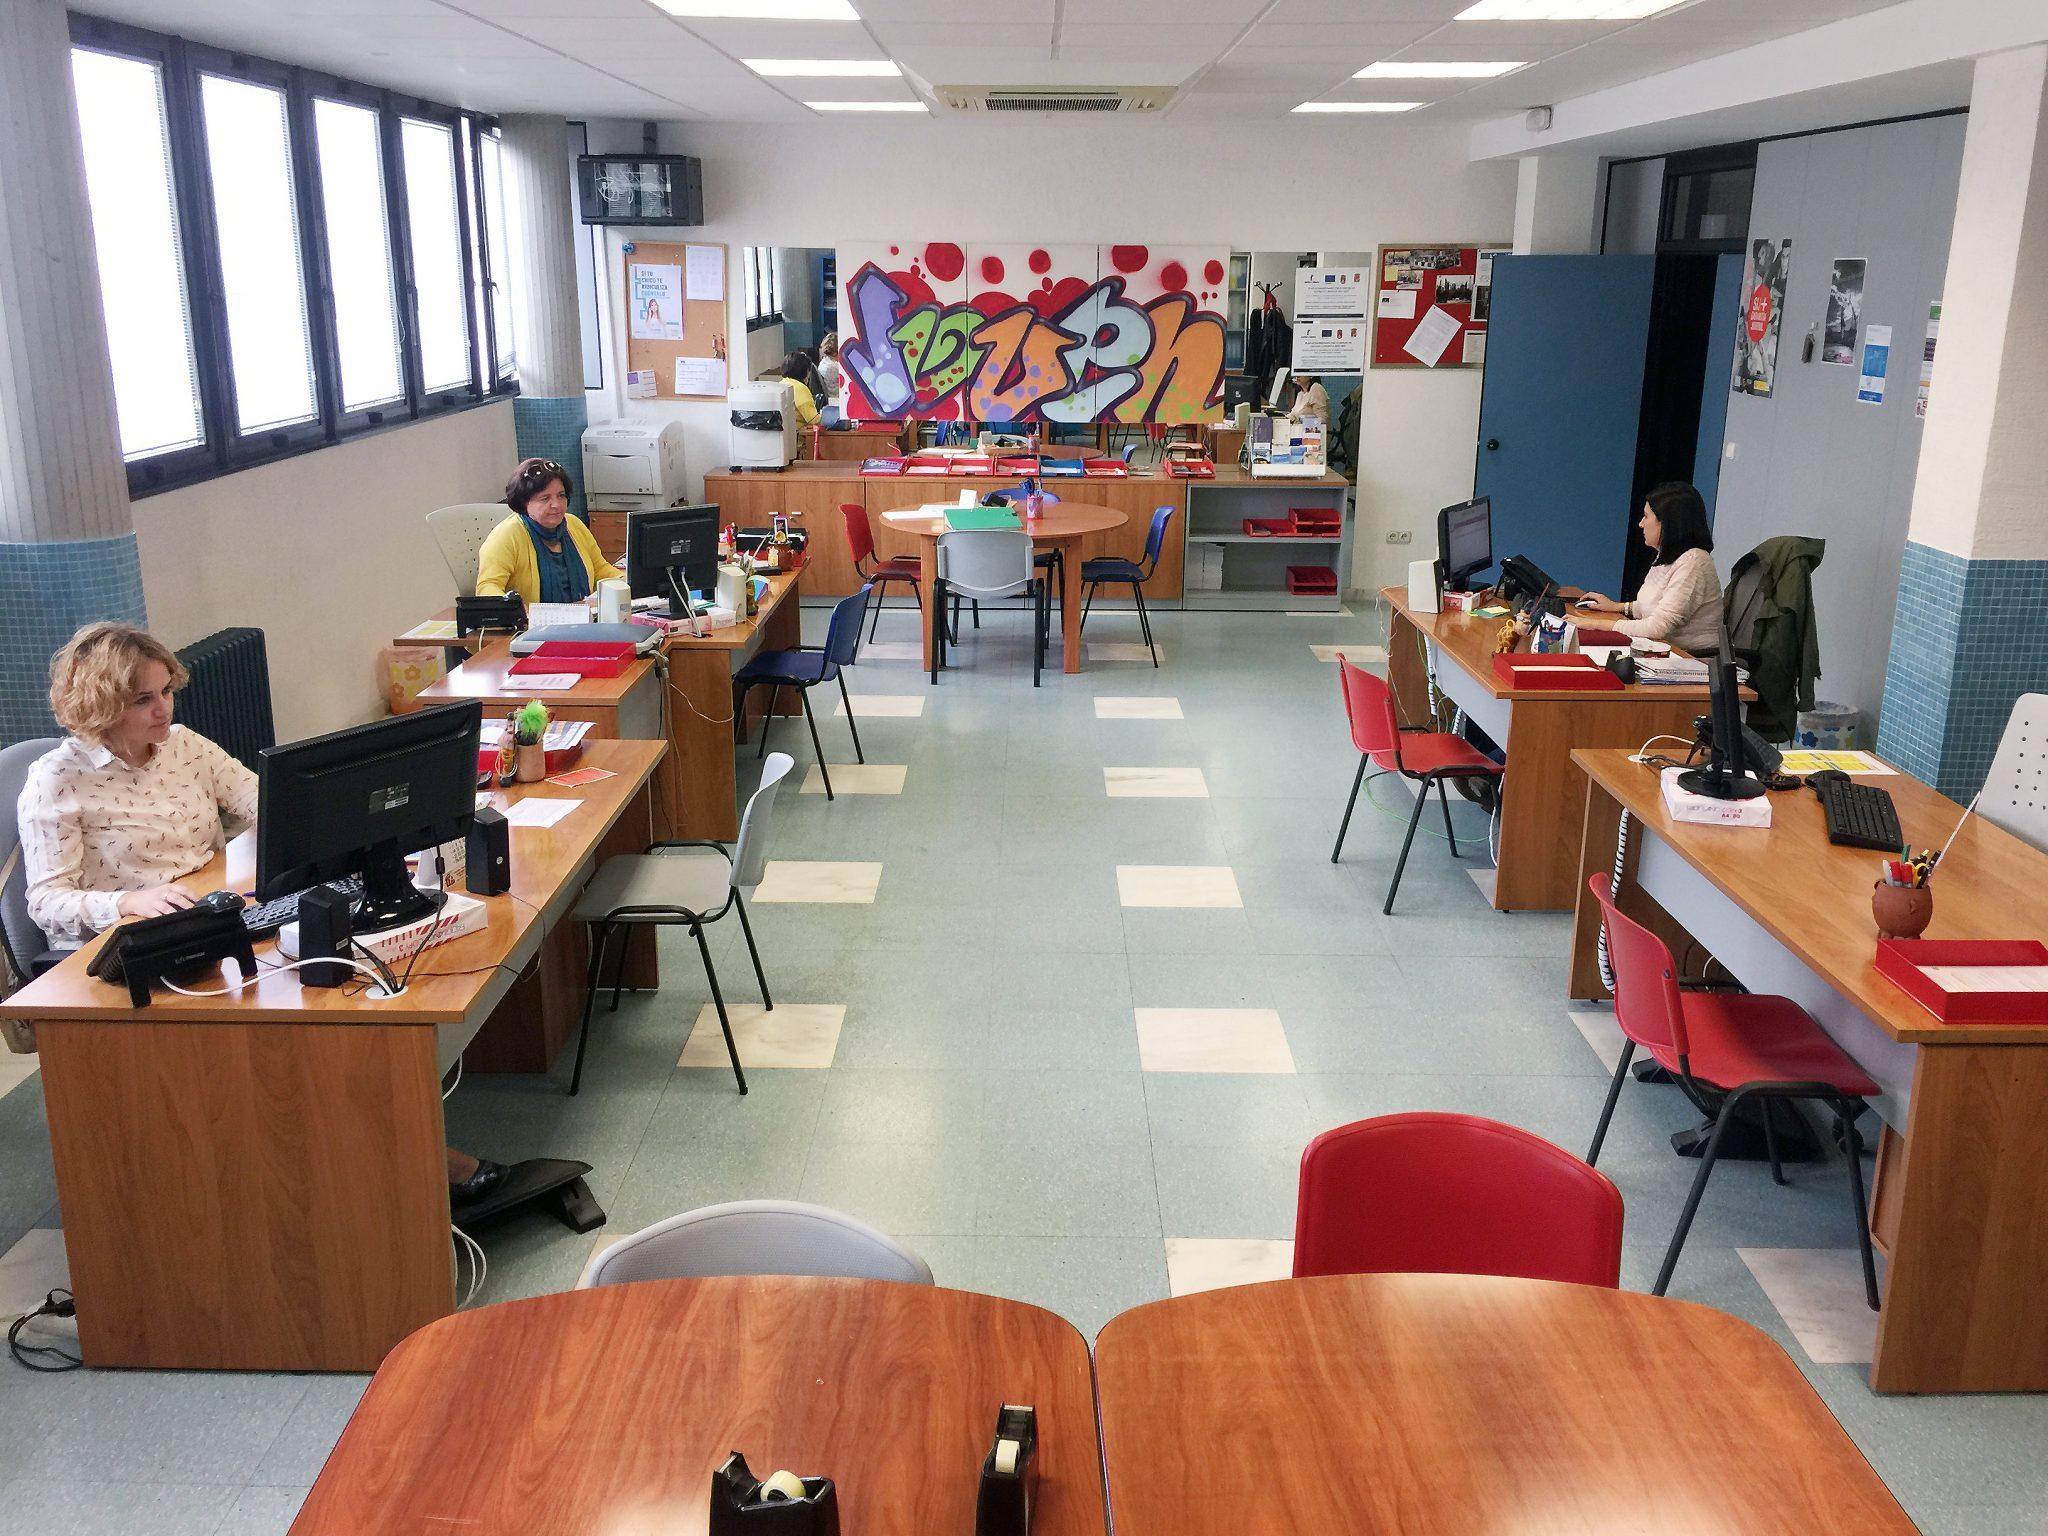 Centro-joven-de-la-roda-casa-de-la-cultura